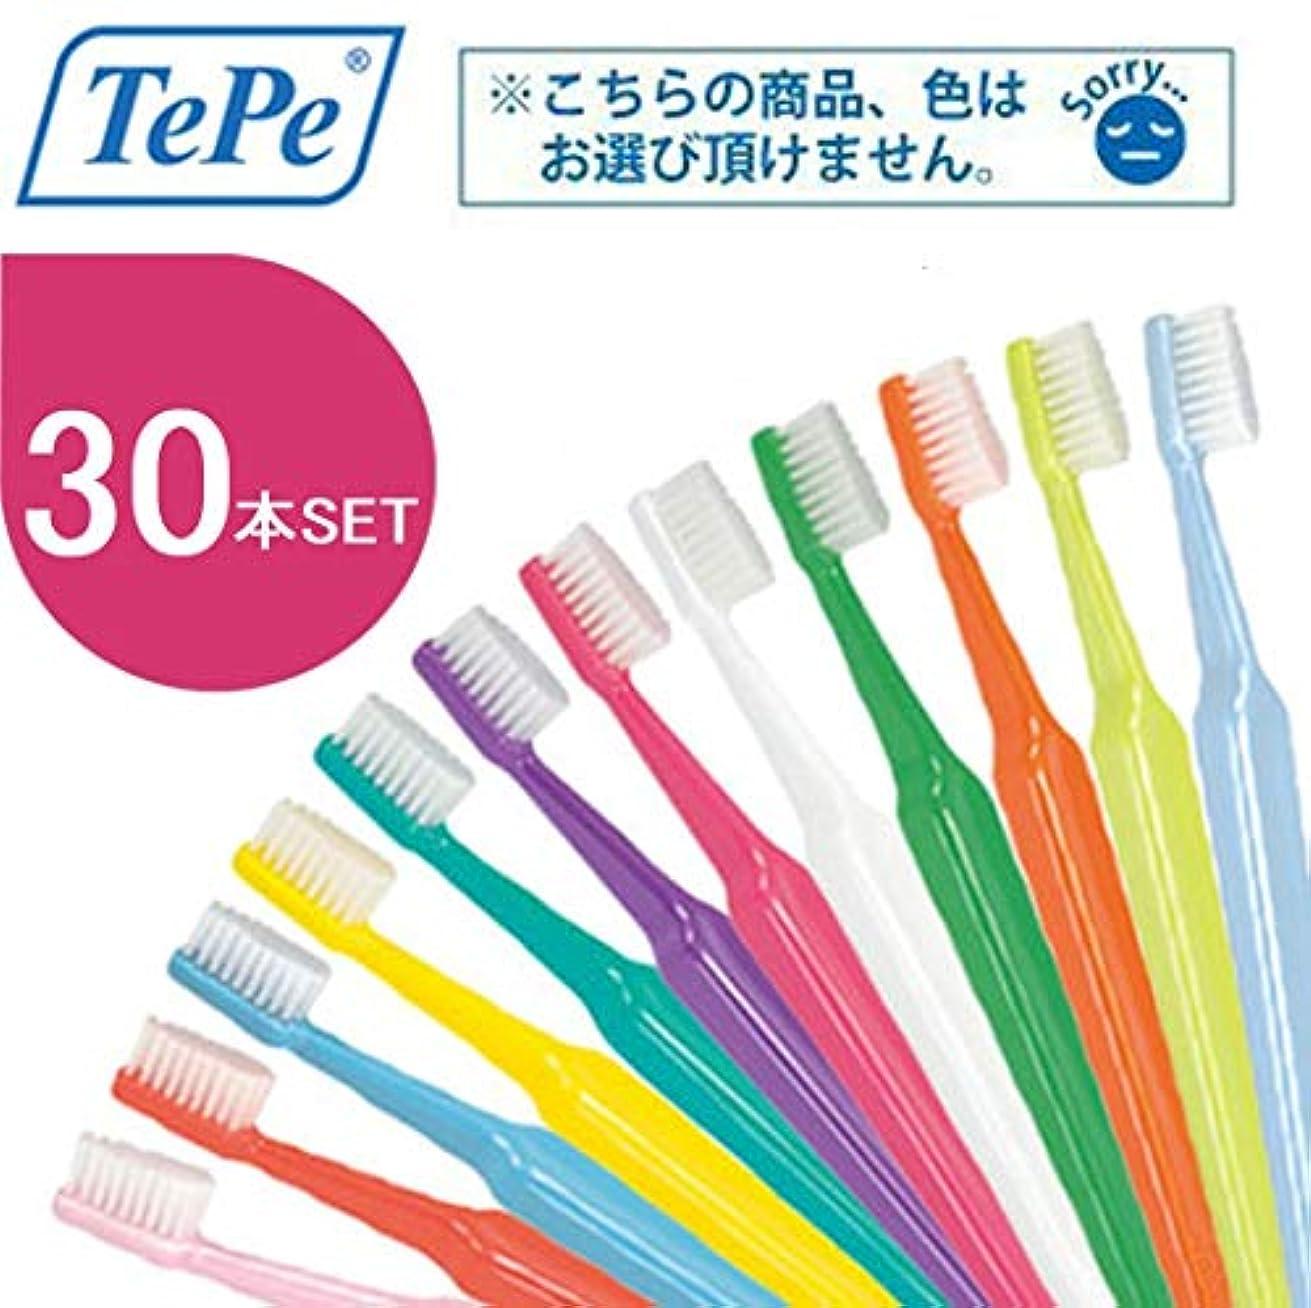 レビュアー株式謝罪クロスフィールド TePe テペ セレクト 歯ブラシ 30本 (ミディアム)